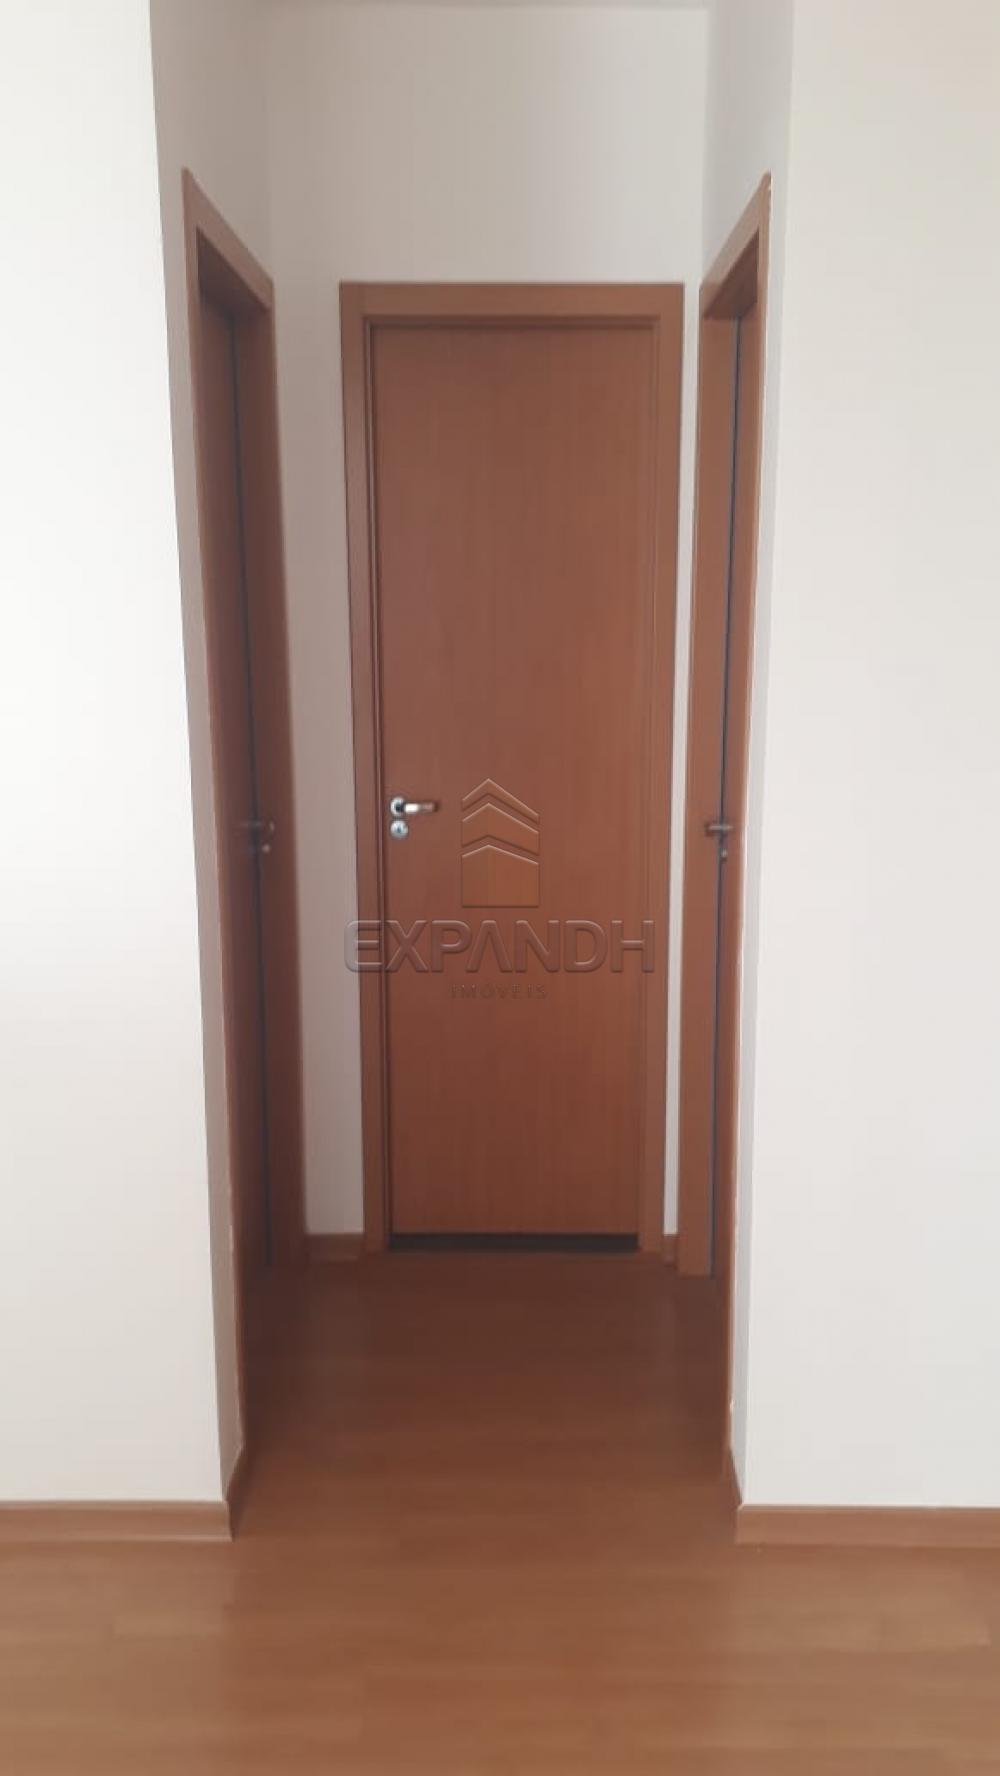 Comprar Apartamentos / Padrão em Sertãozinho apenas R$ 138.900,00 - Foto 25